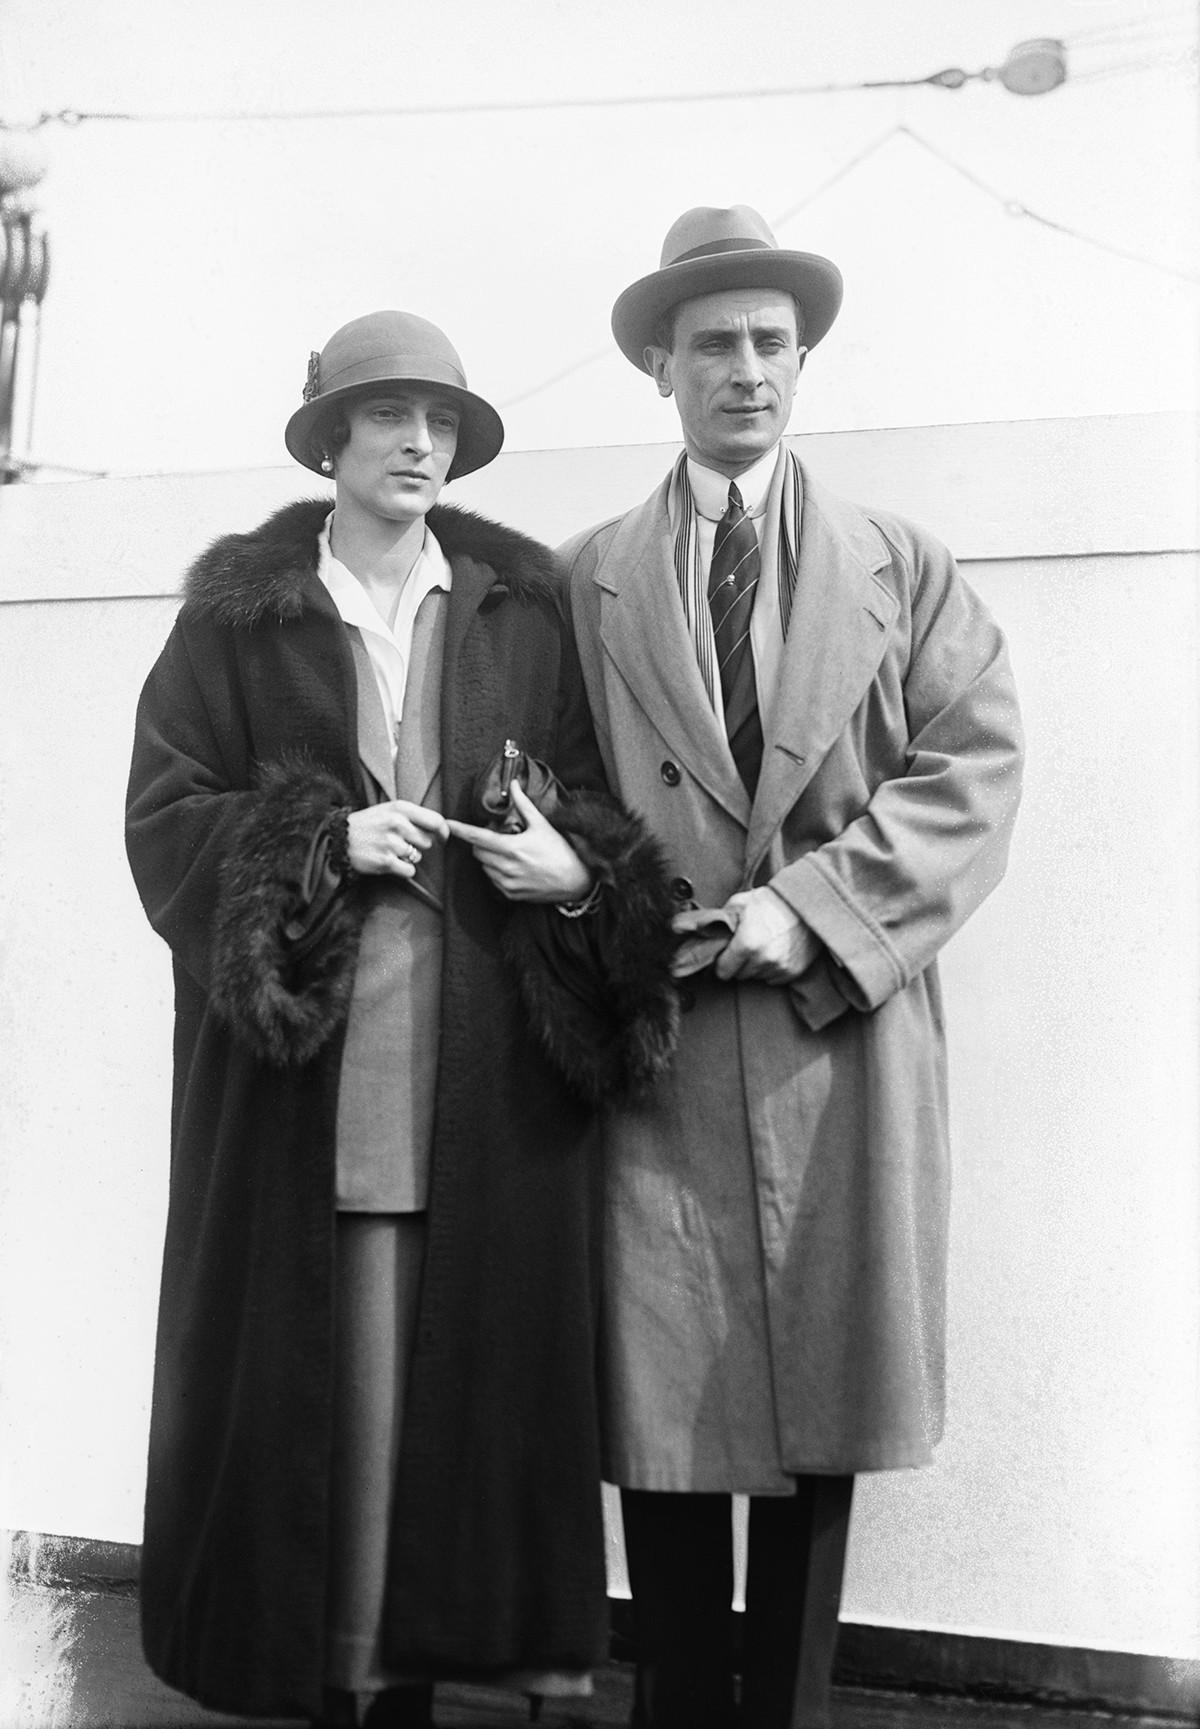 Princesa Irina e Príncipe Féliks Iussupov